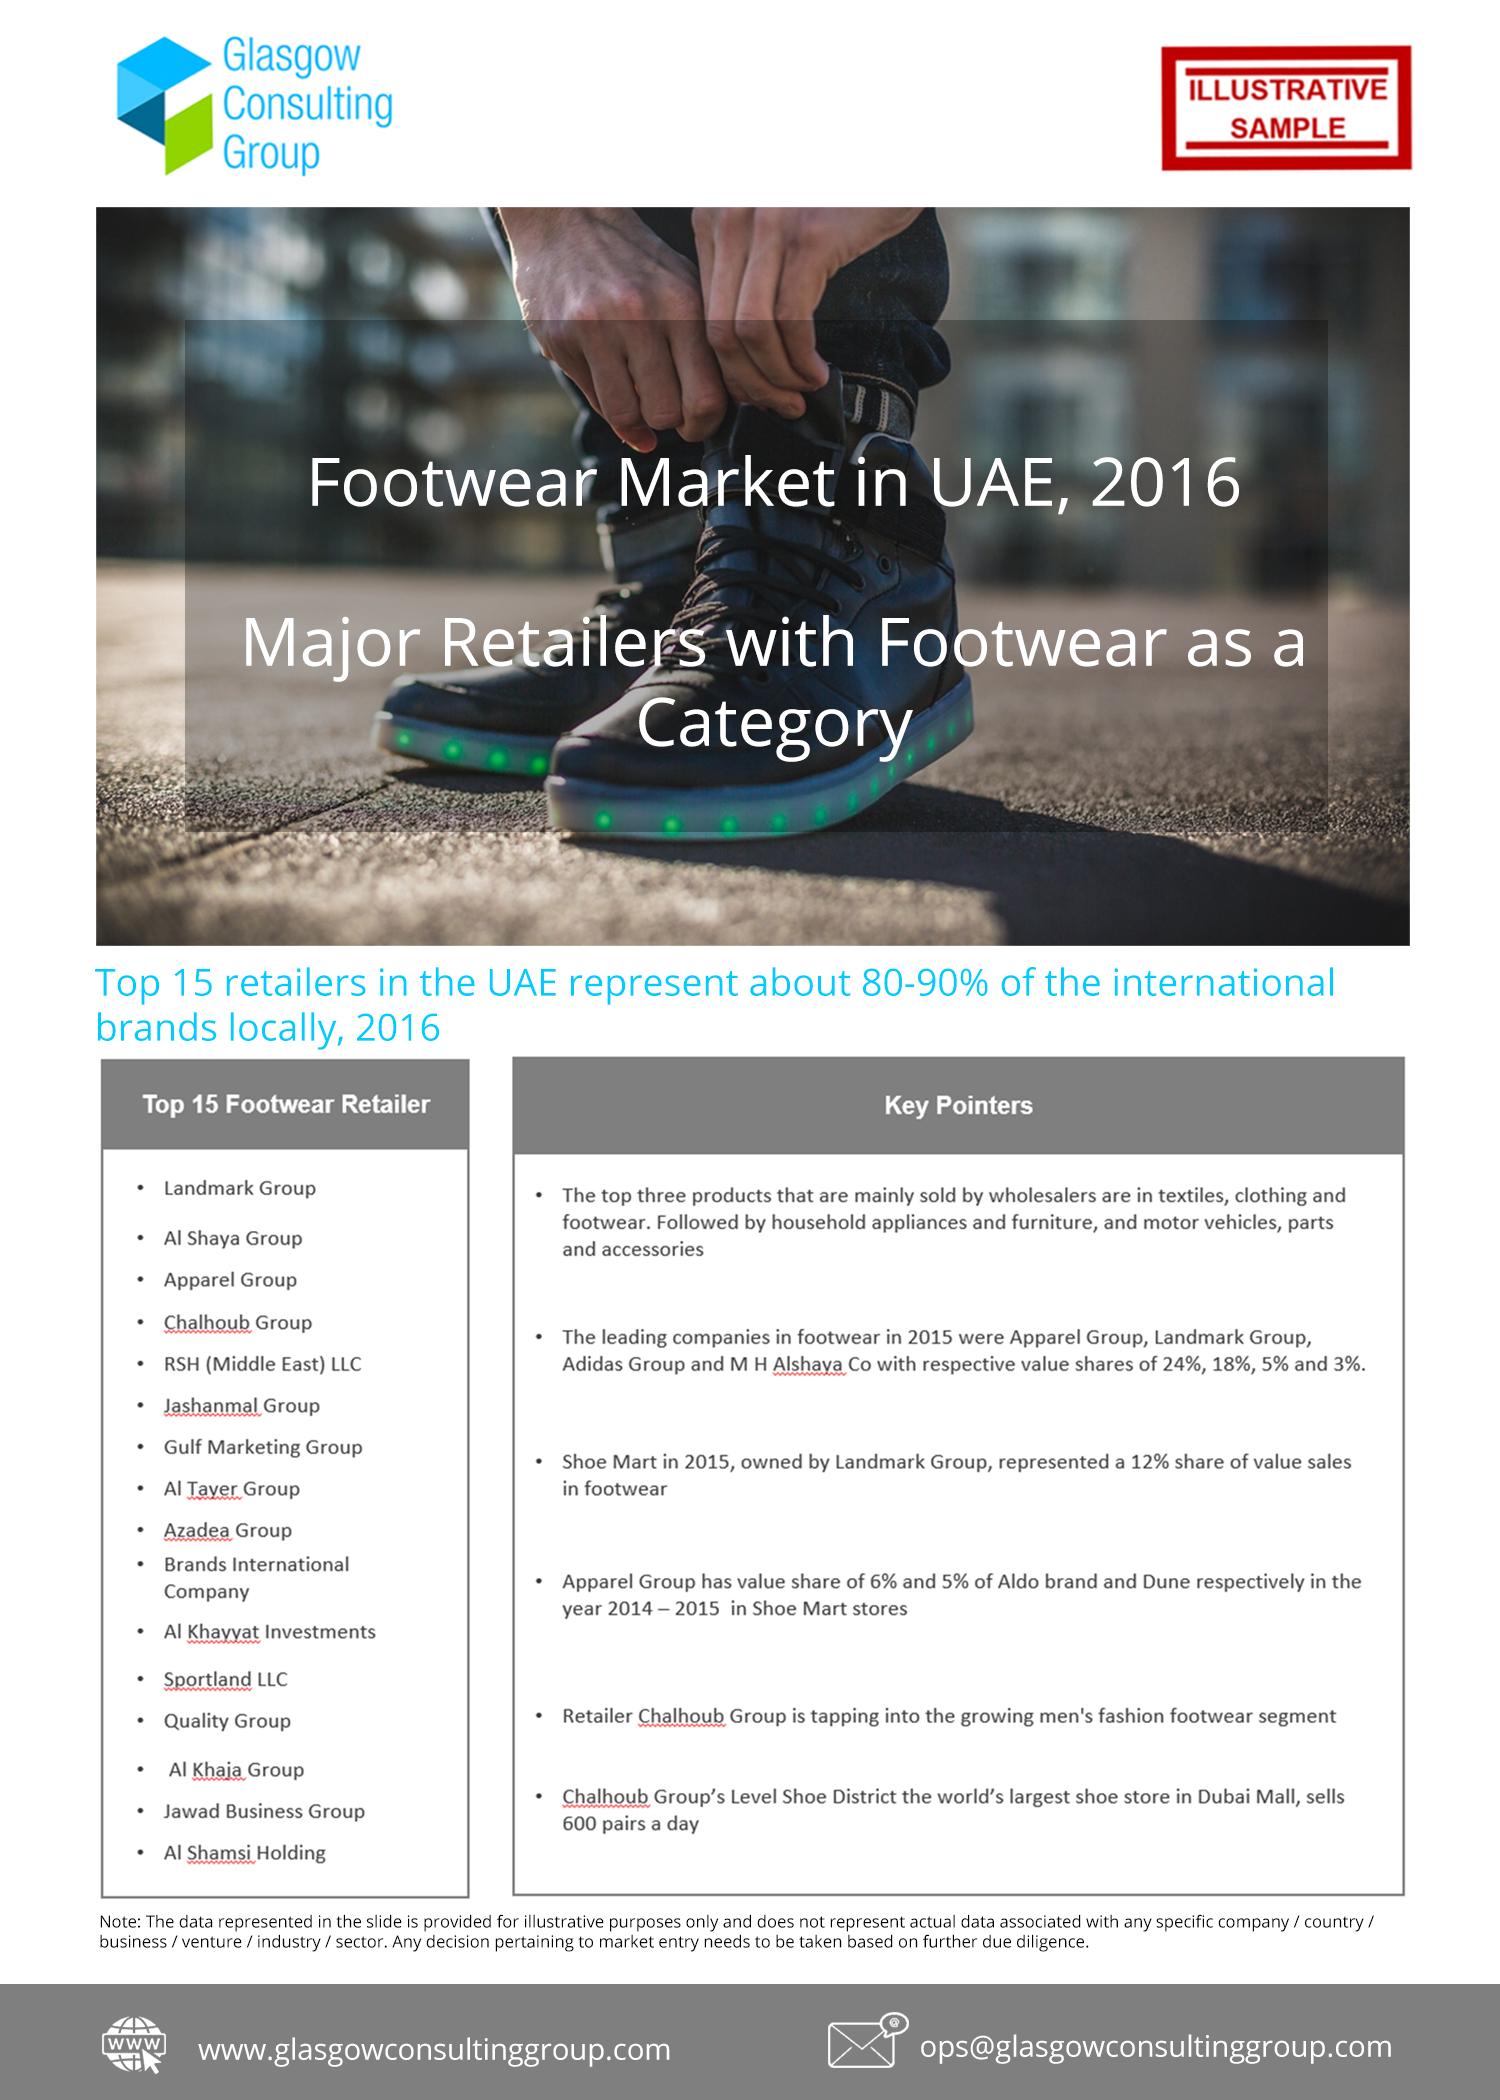 4 Footwear Market in UAE, 2016 Major Footwear Retailer as a Category